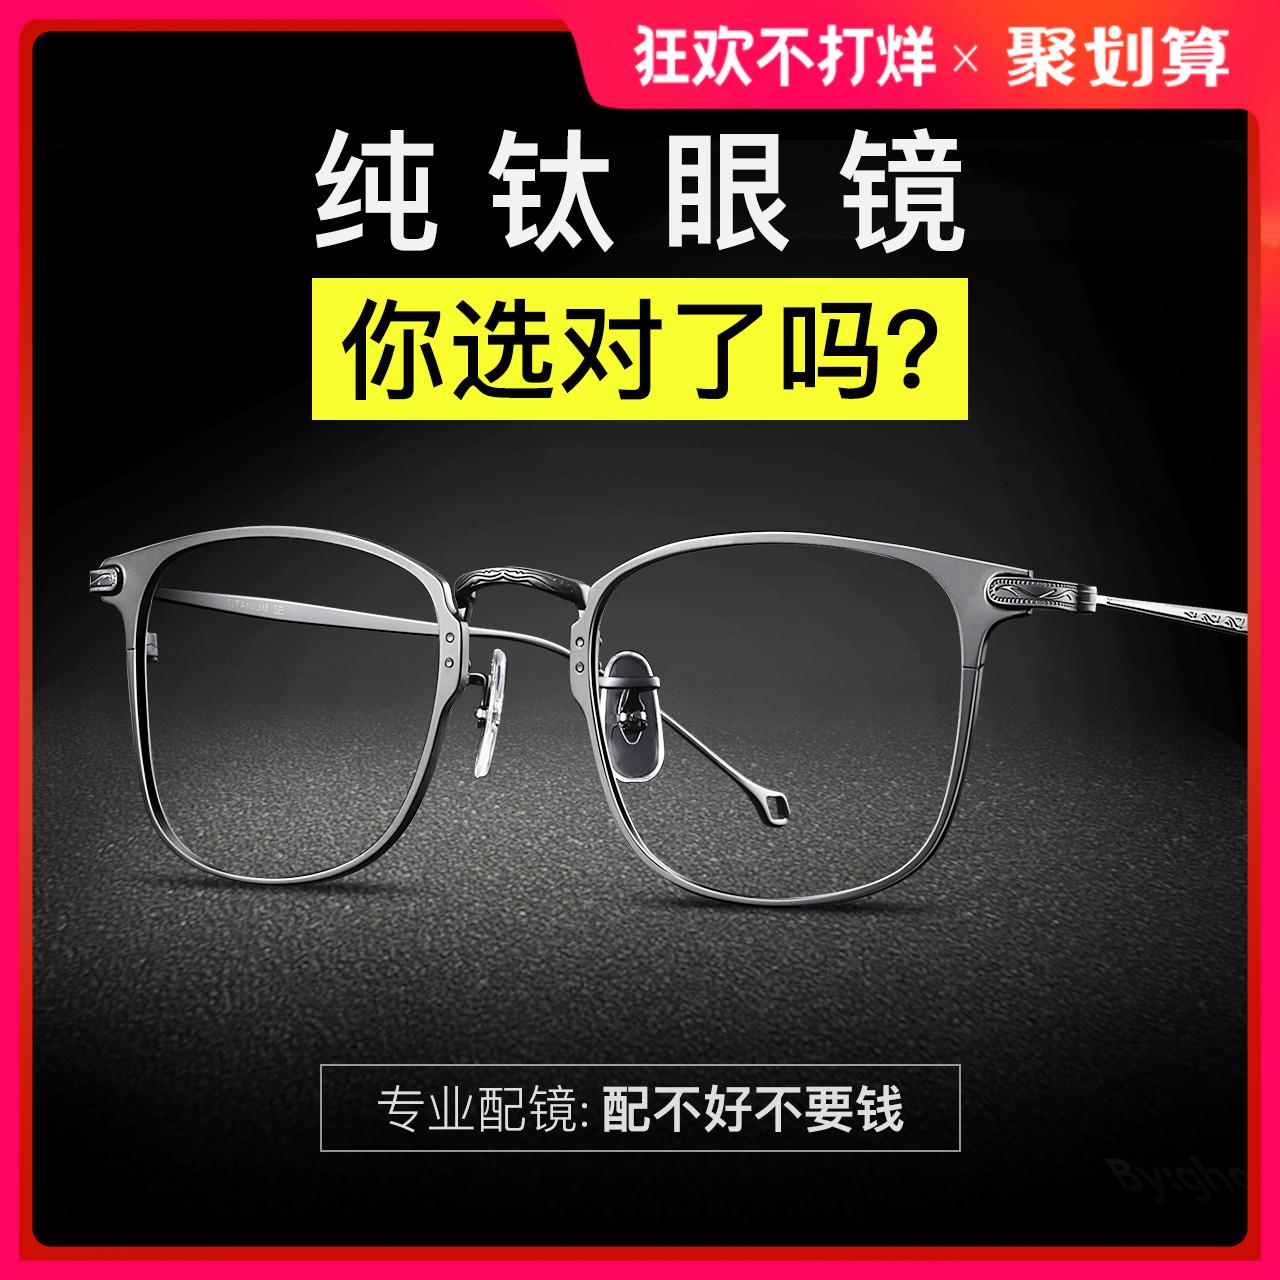 余文乐同款近视眼镜男潮有度数配平光抗蓝光防辐射纯钛眼睛镜框女